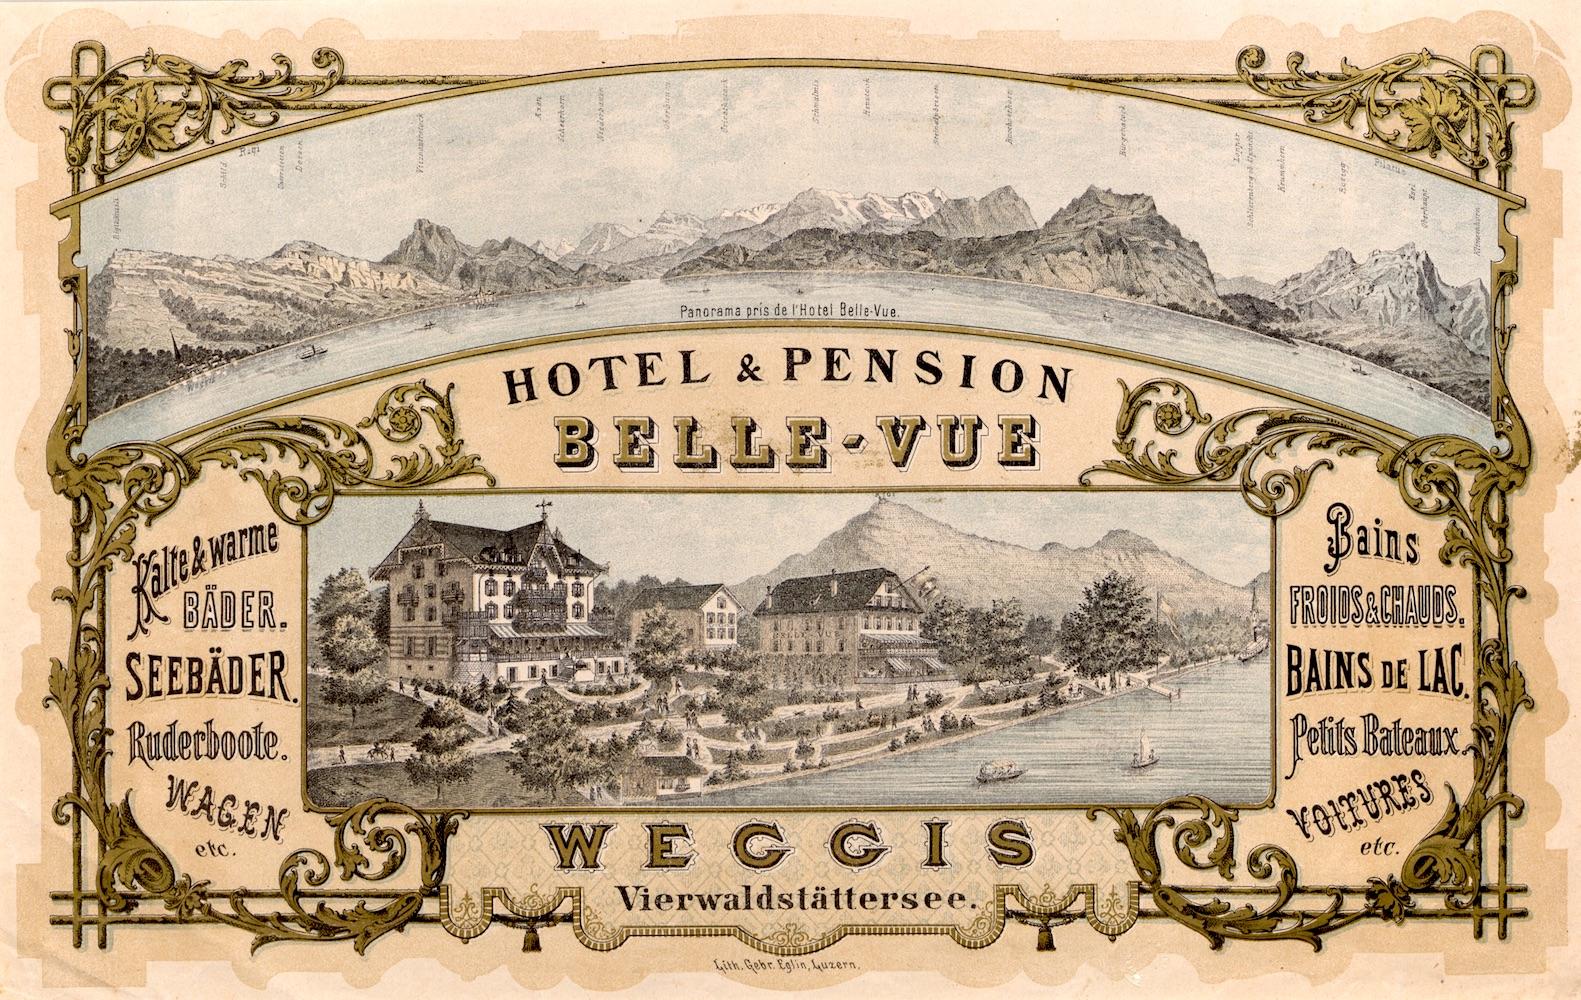 Postkarte von 1880 für das Hotel, das damals noch «Bellevue» hiess.